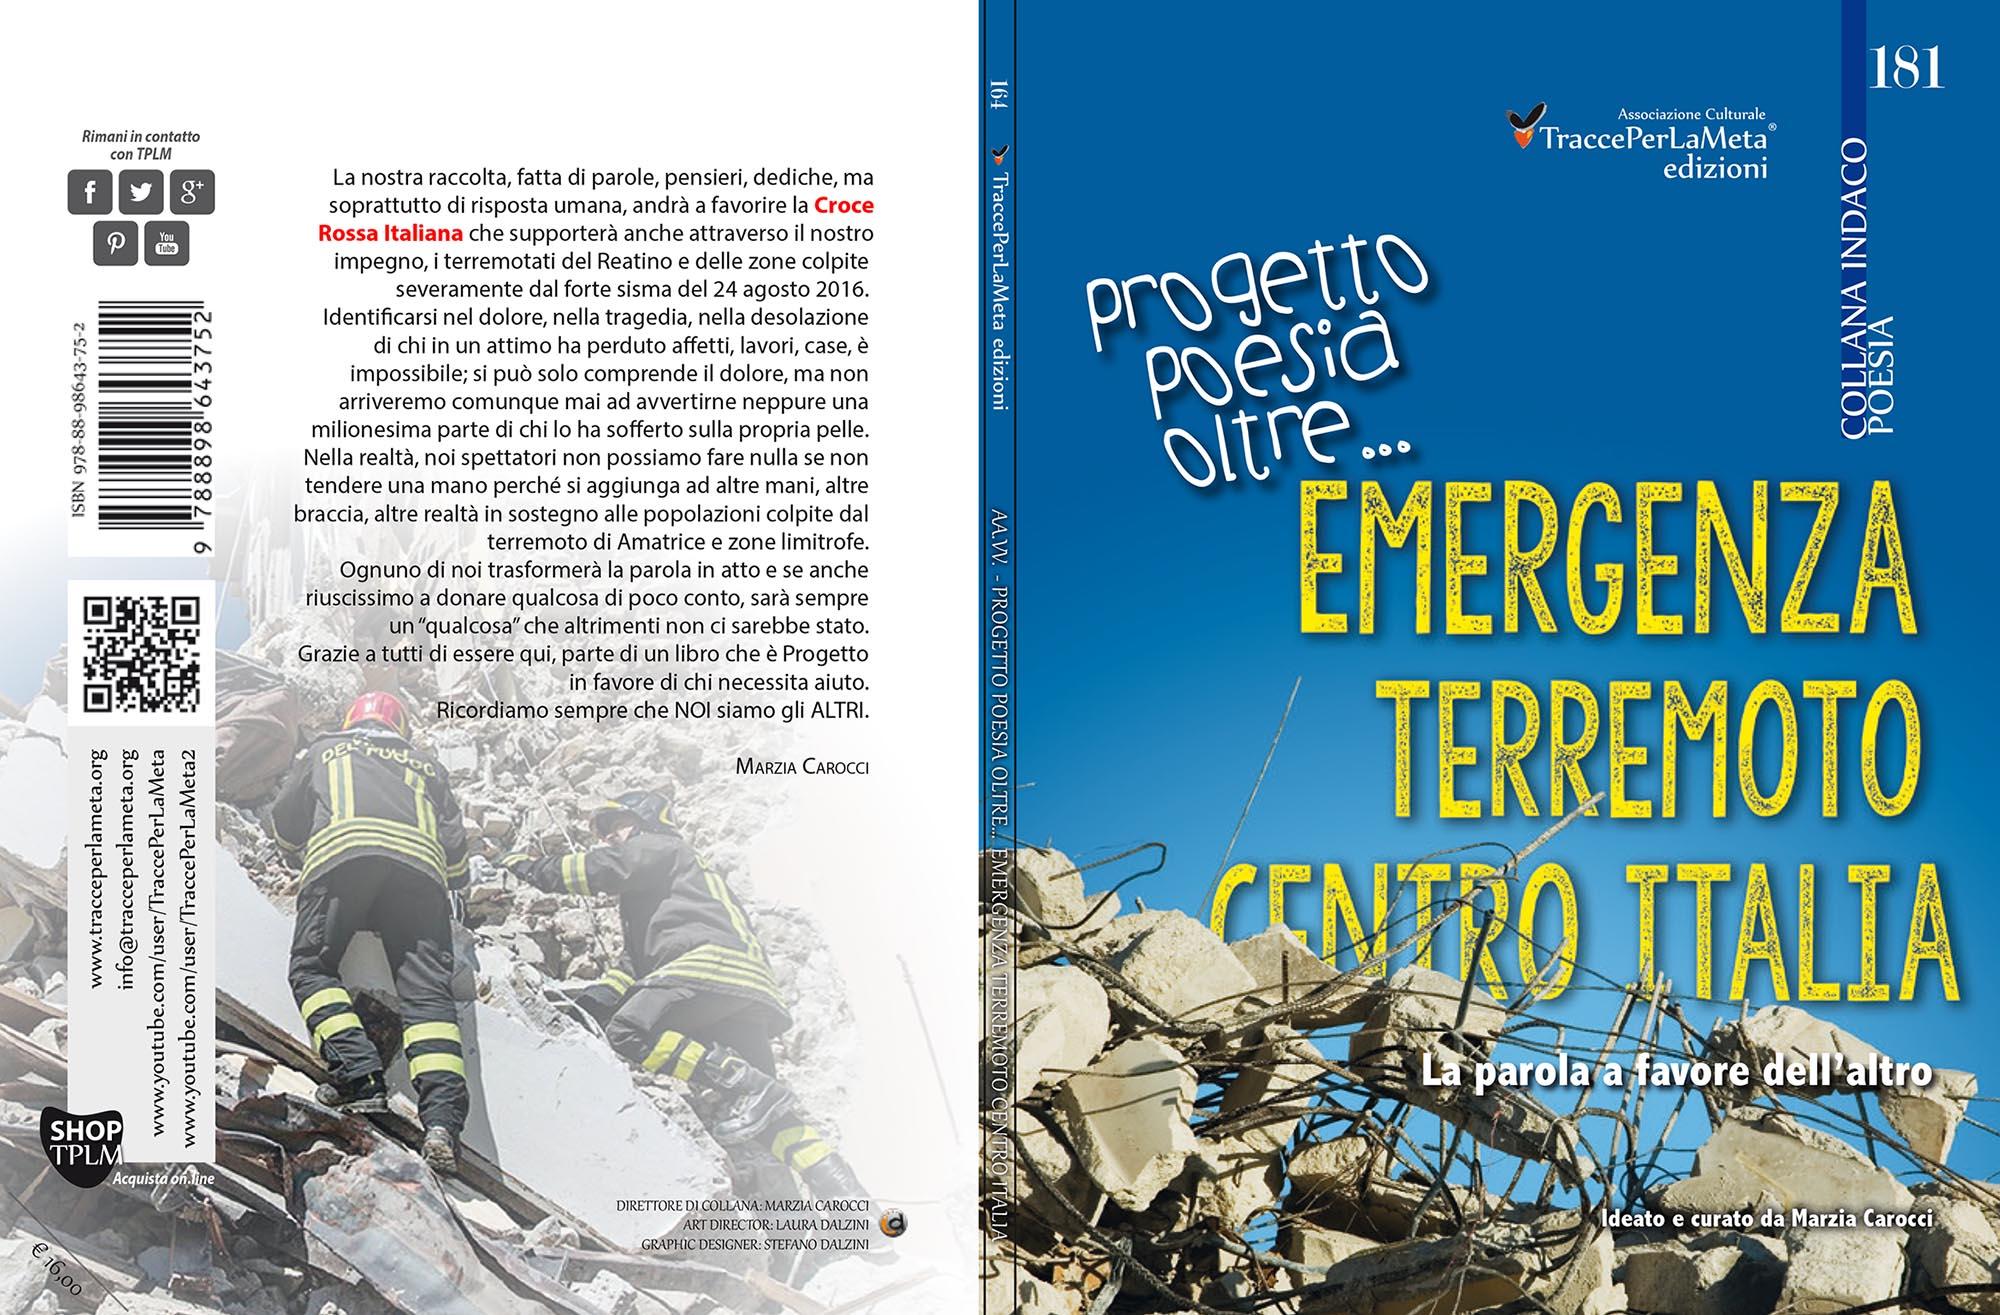 181_Emergenza_Terremoto_Centro_Italia-cover_web